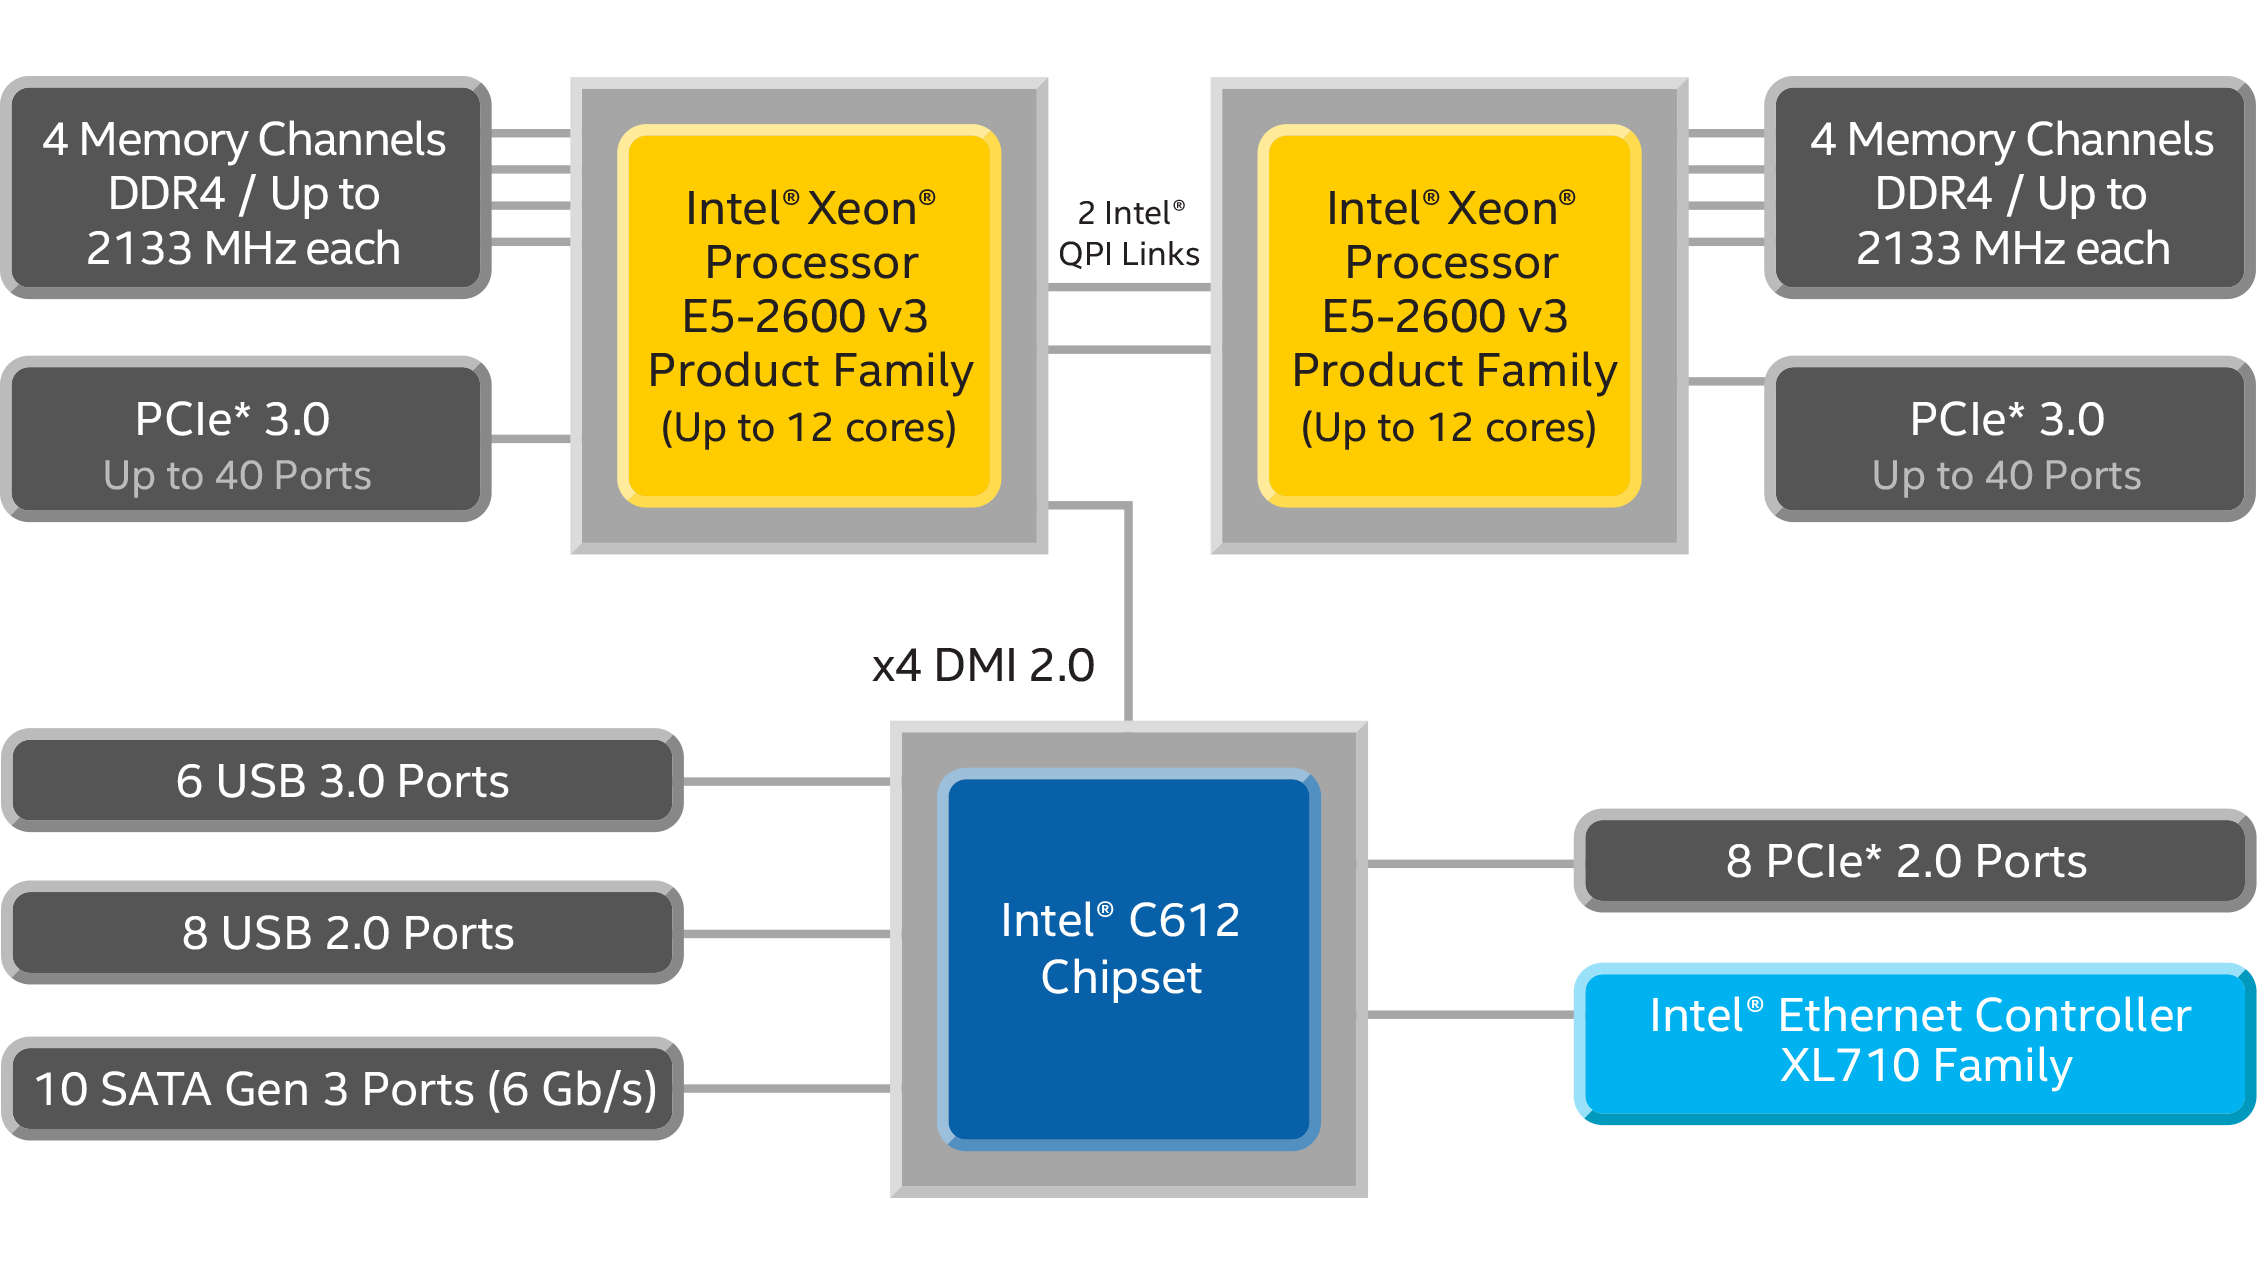 asus p8z68 v block diagram lf 8548  block diagram of an intel core additionally block diagram  intel core additionally block diagram